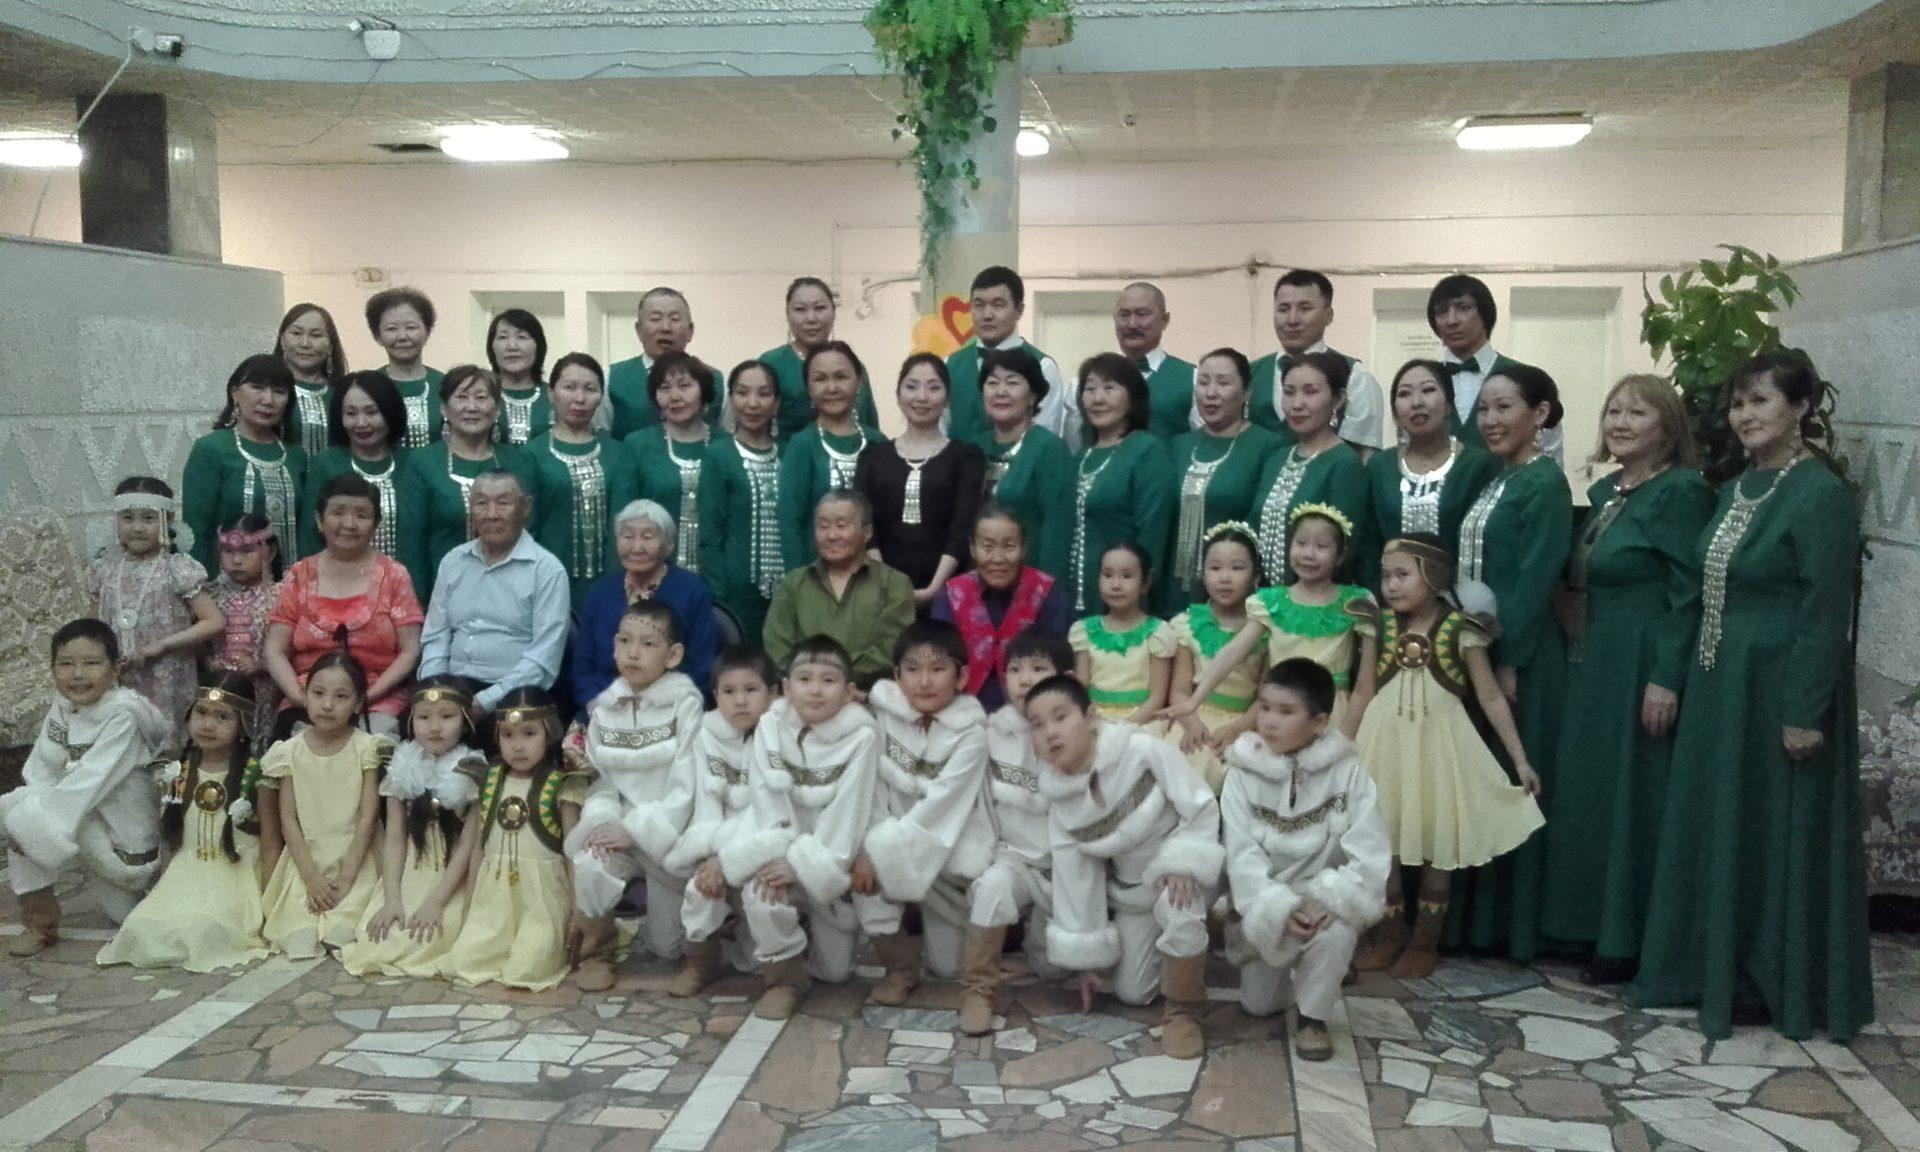 В Якуткурорте перед ветеранами труда и тыла выступили воспитанники детского сада «Журавлик» в рамках Года Добра